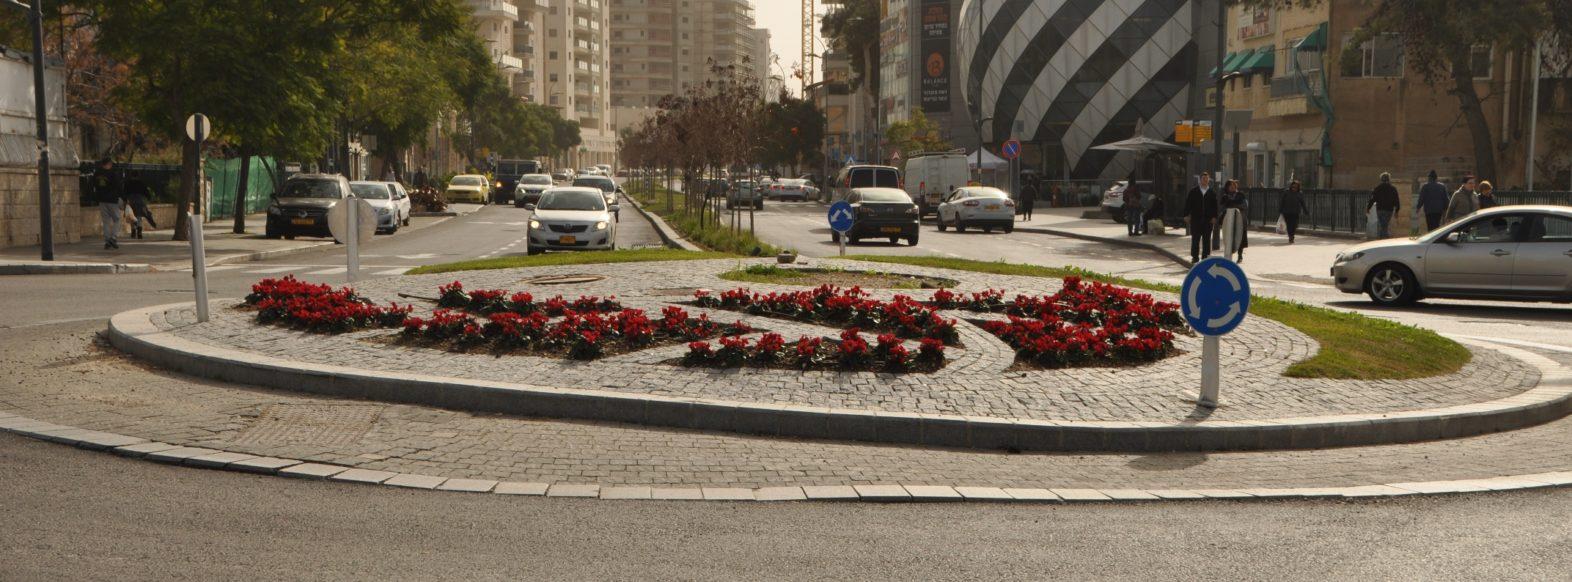 החל שלב נוסף בעבודות תשתית לשדרוג מרכז העיר